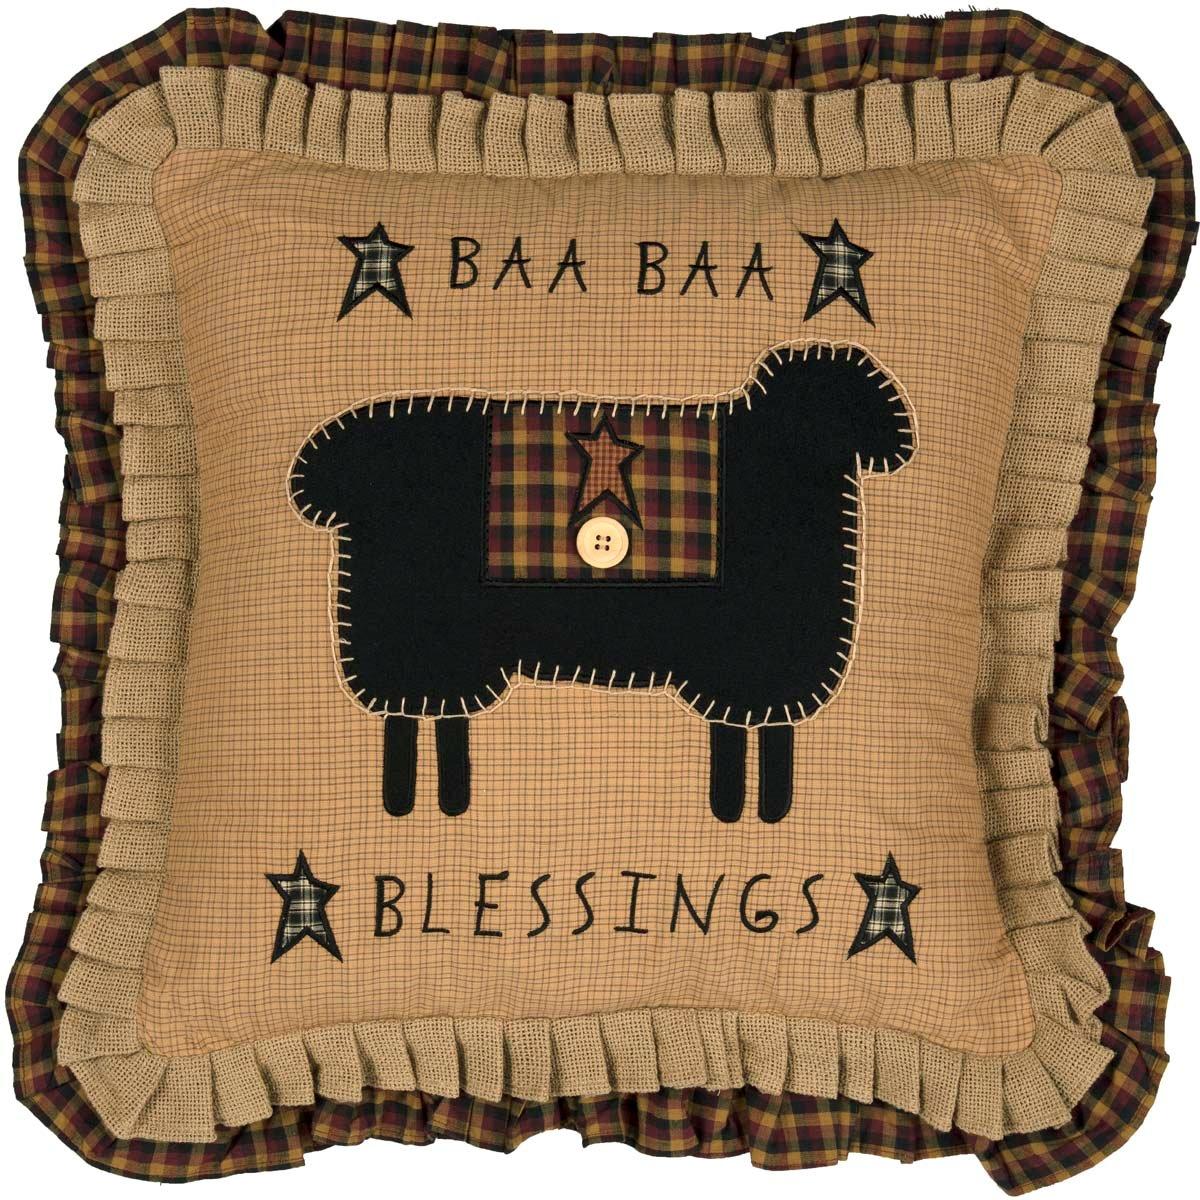 Baa Baa Blessings Pillow